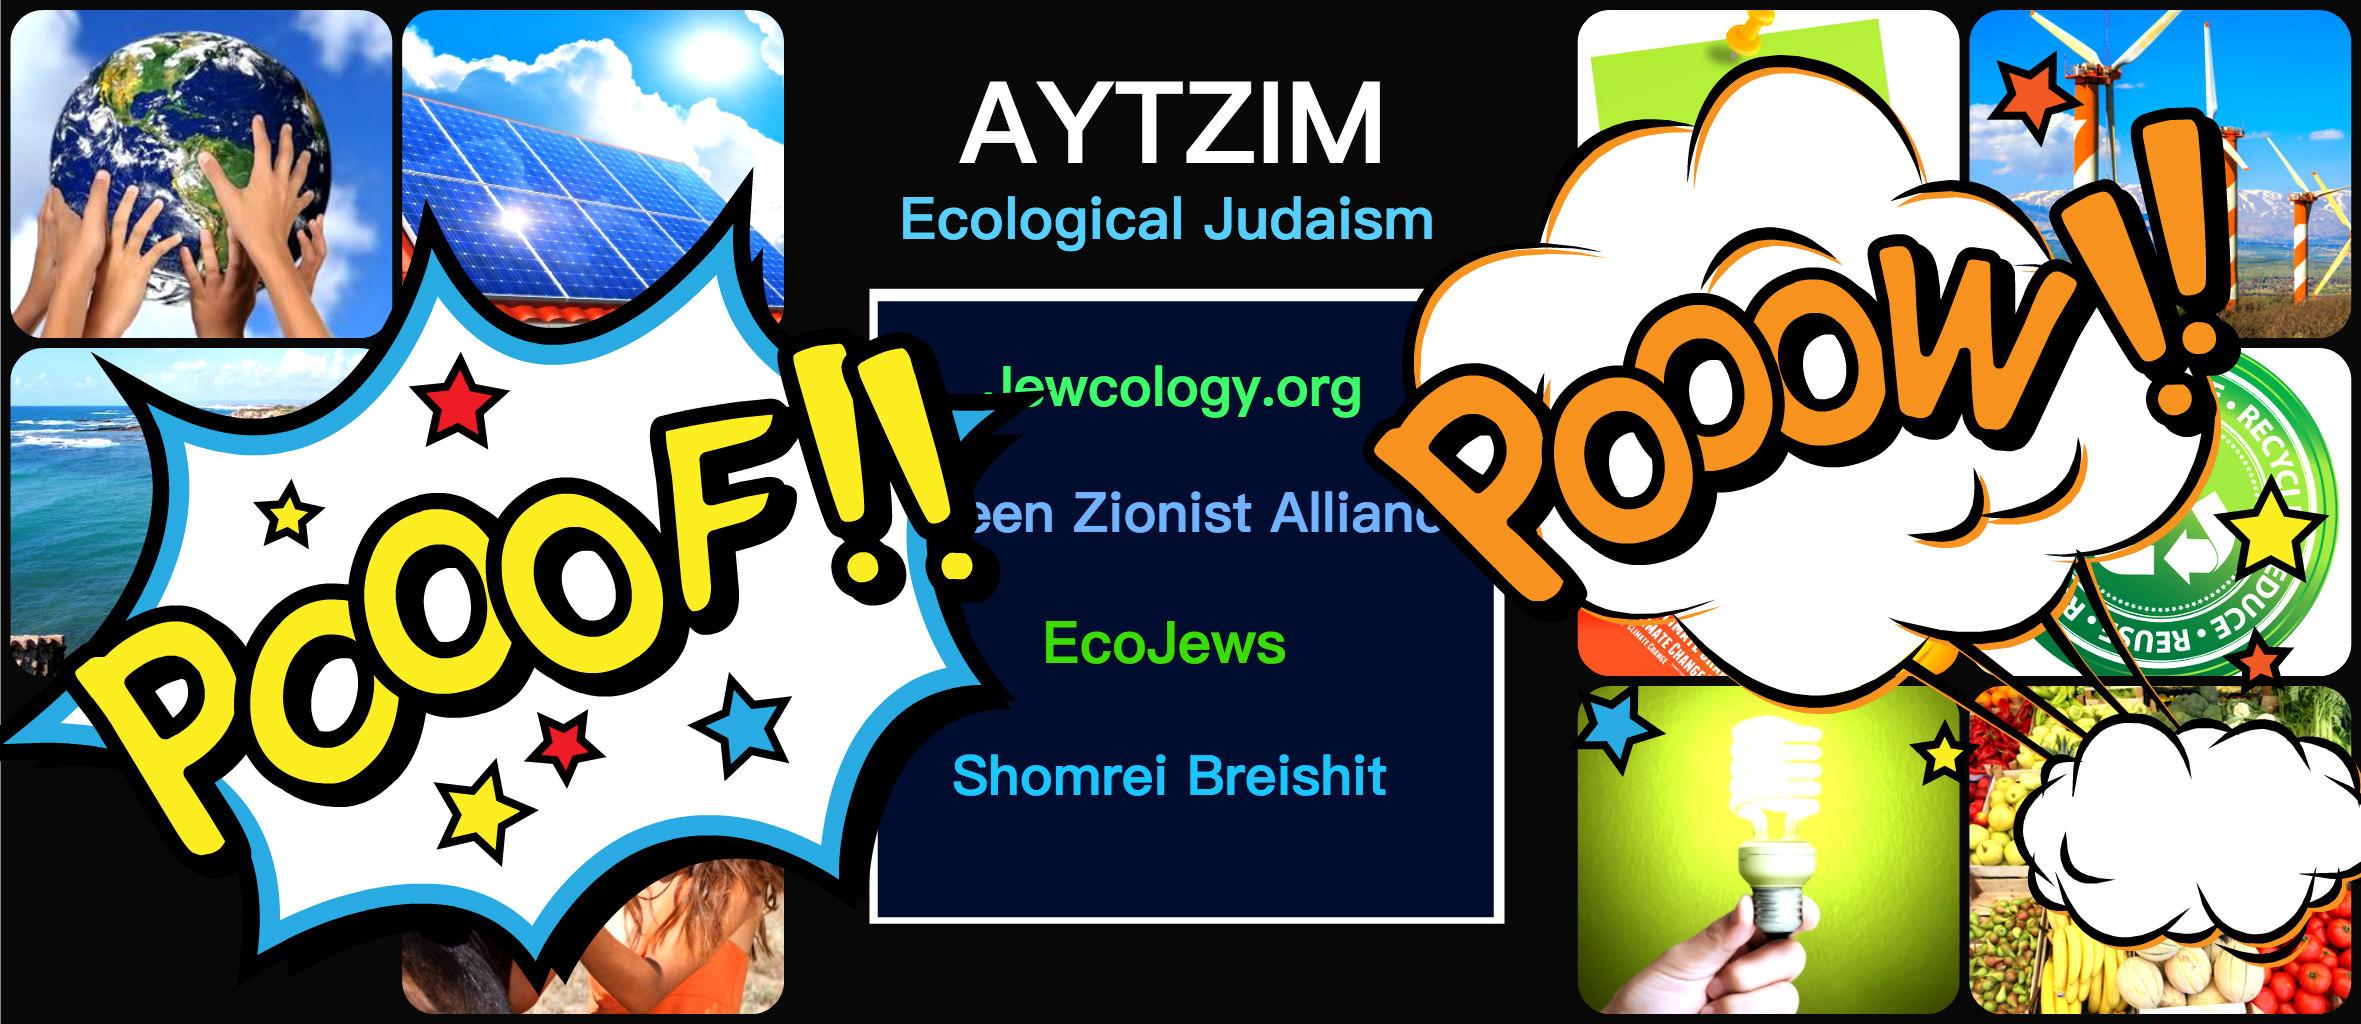 Jewcology - | Aytzim (Ecologic...